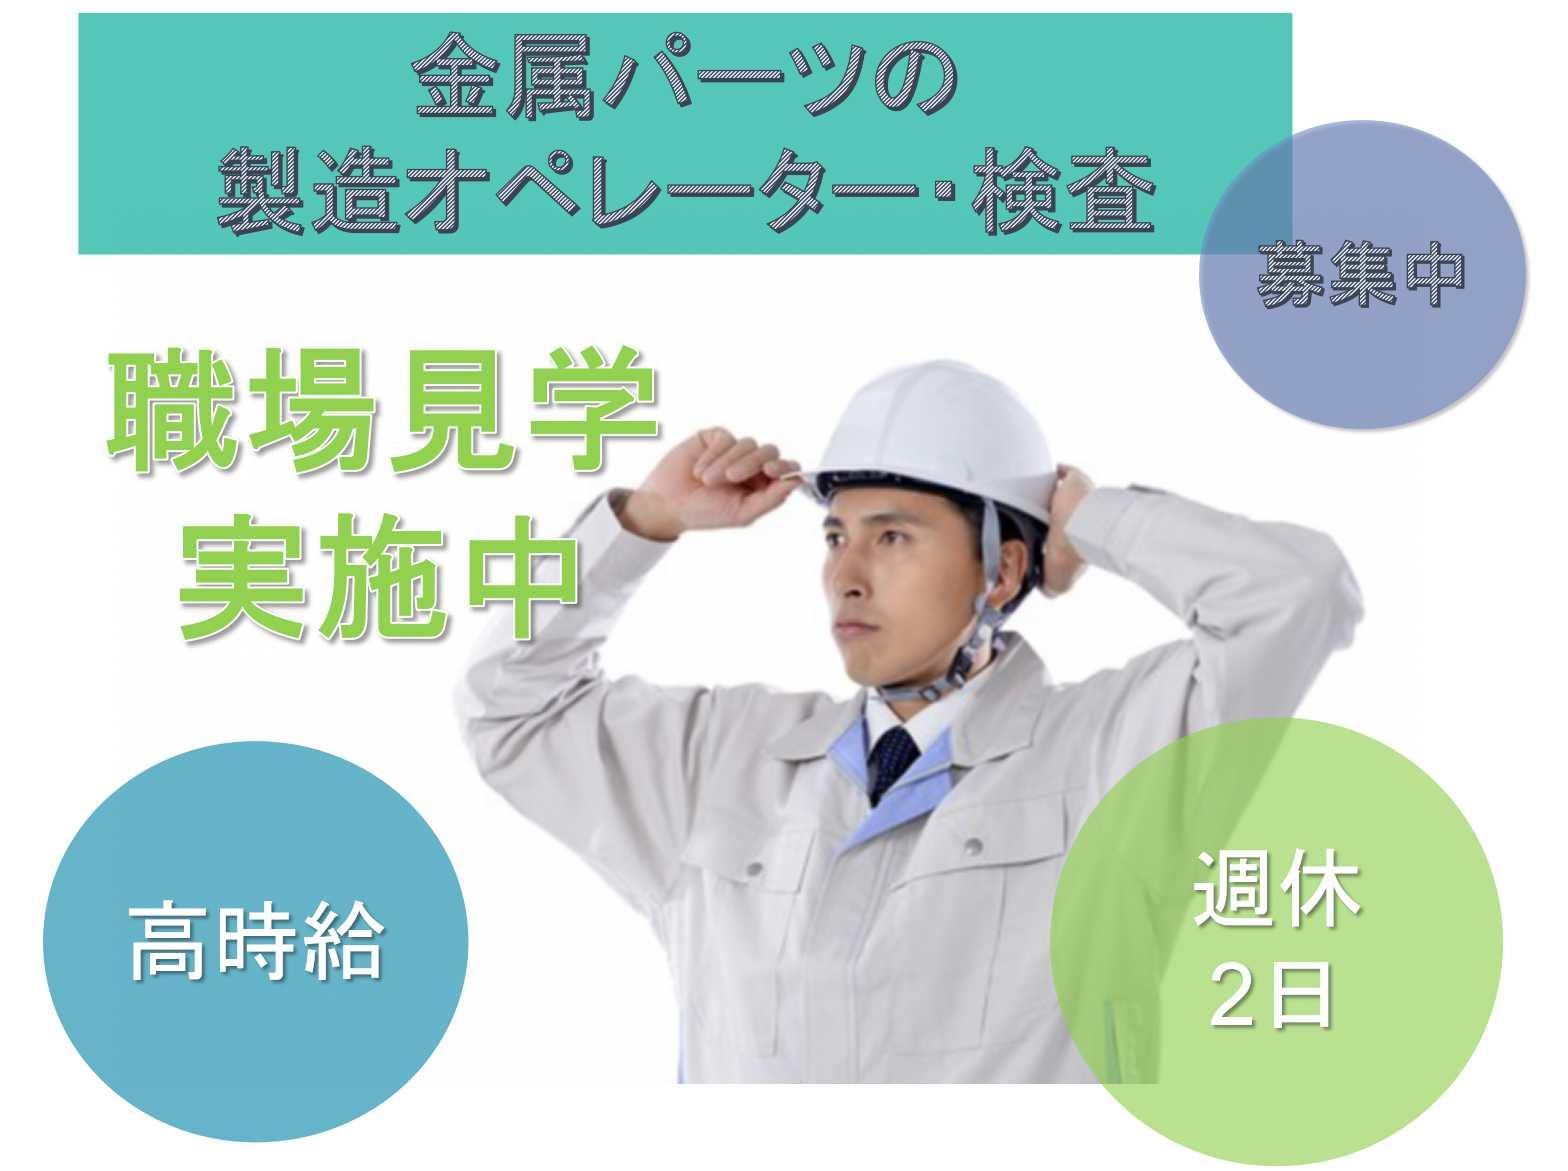 【千葉県成田市】週休2日◆高時給◆金属パーツの製造オペレーター・検査◆ イメージ